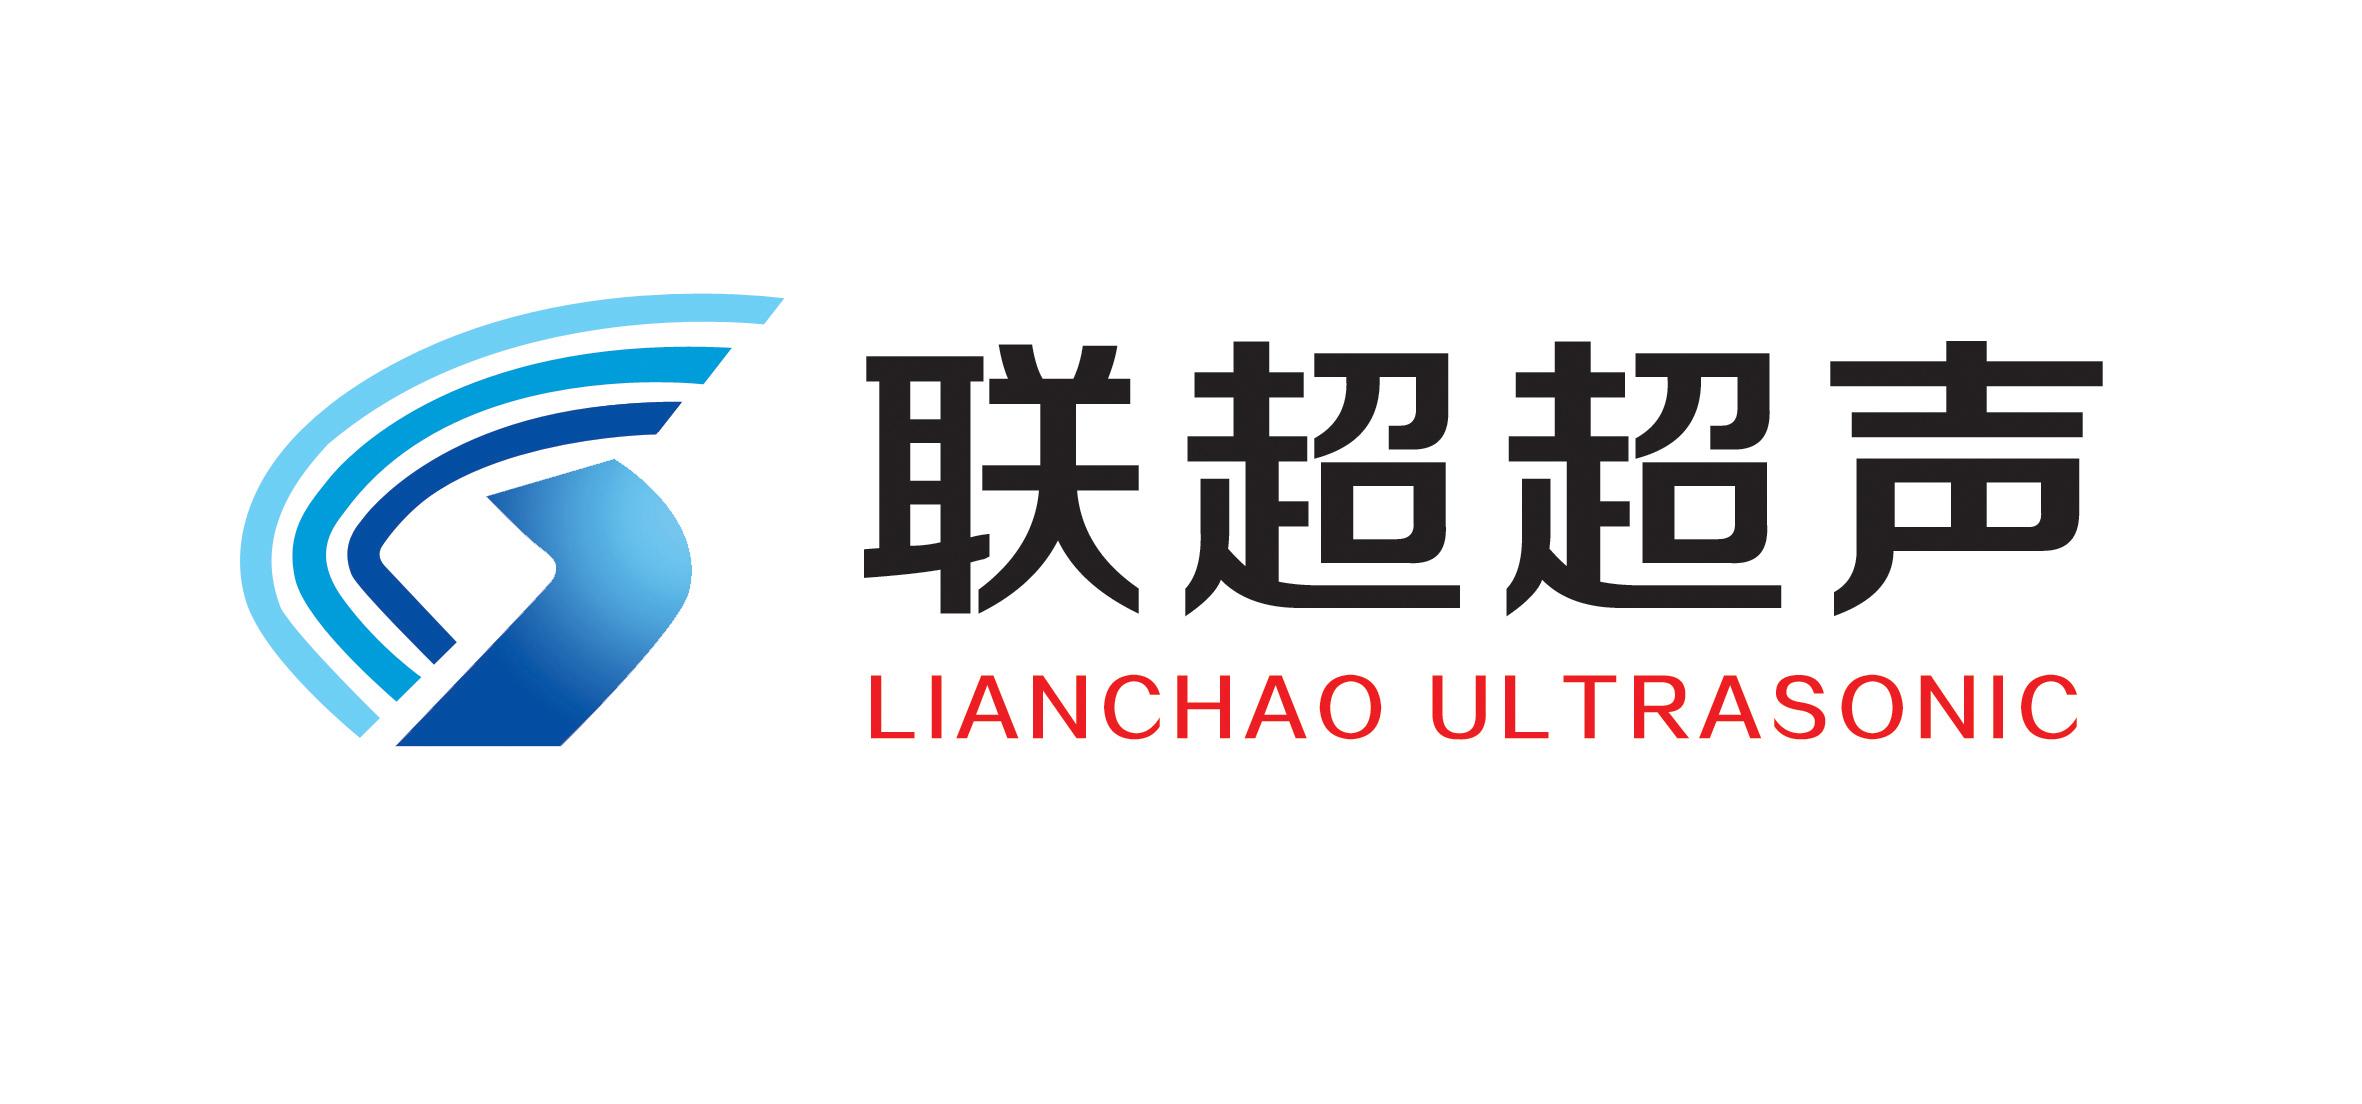 山东联超电子设备有限公司